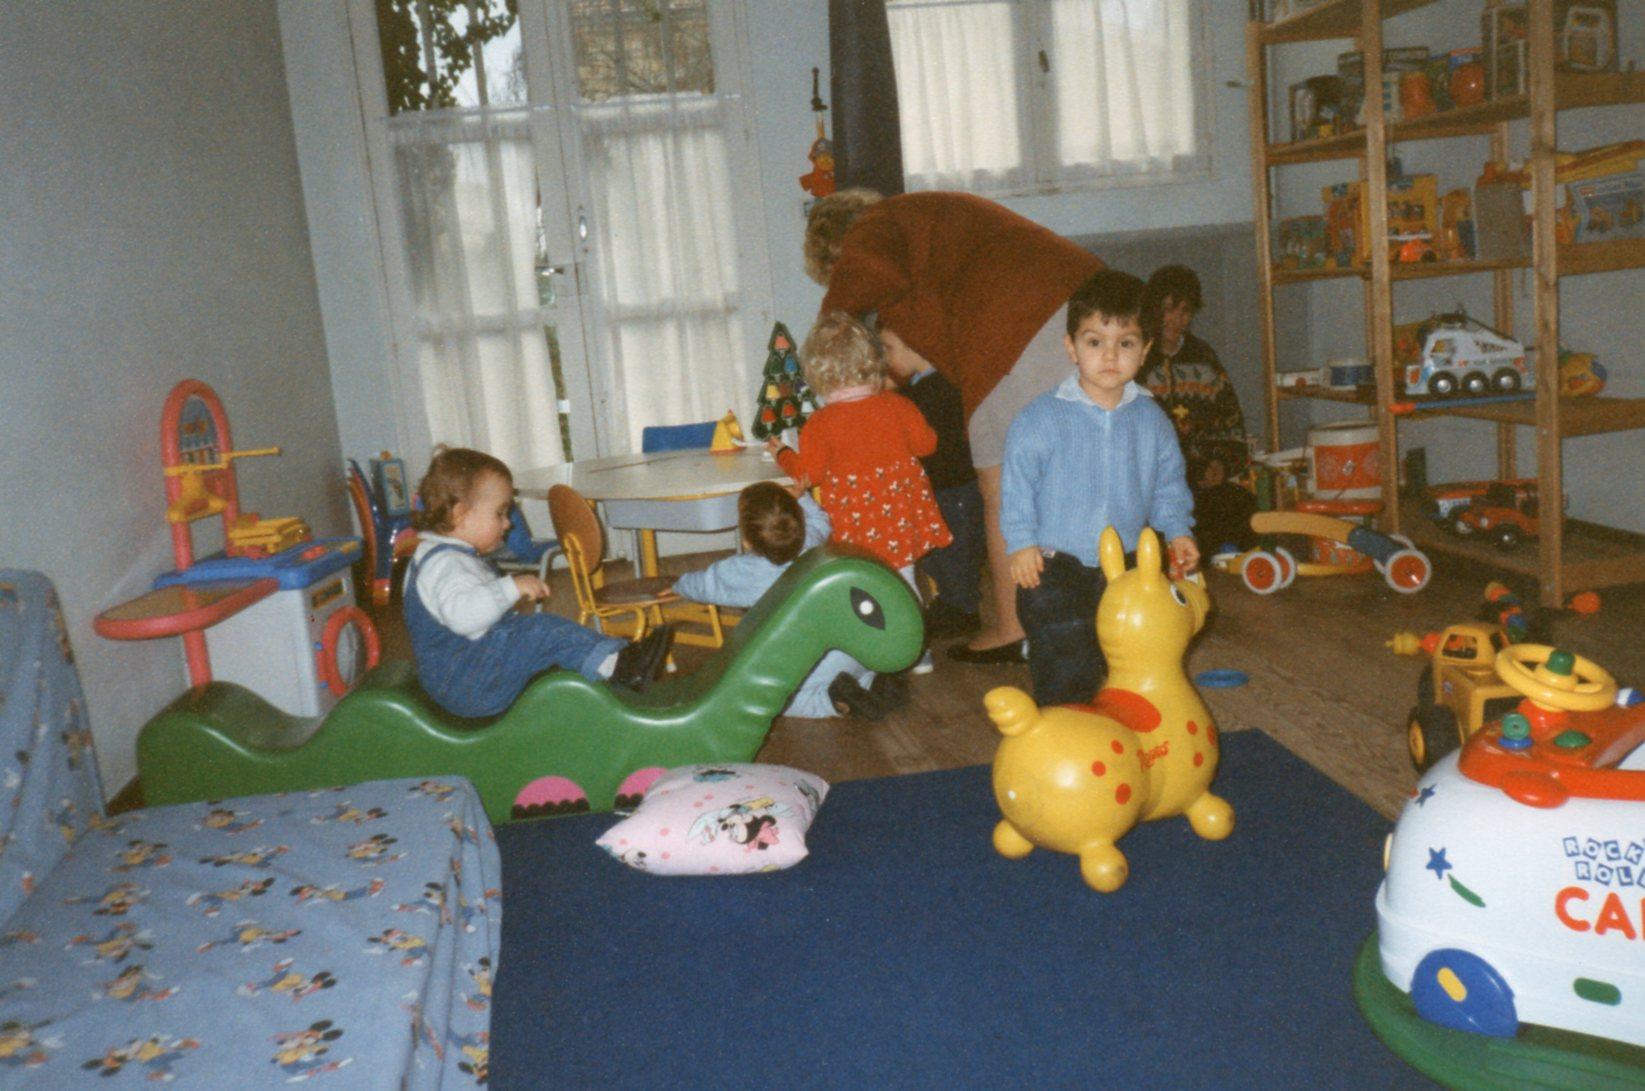 un espace petite enfance dans d'anciens locaux